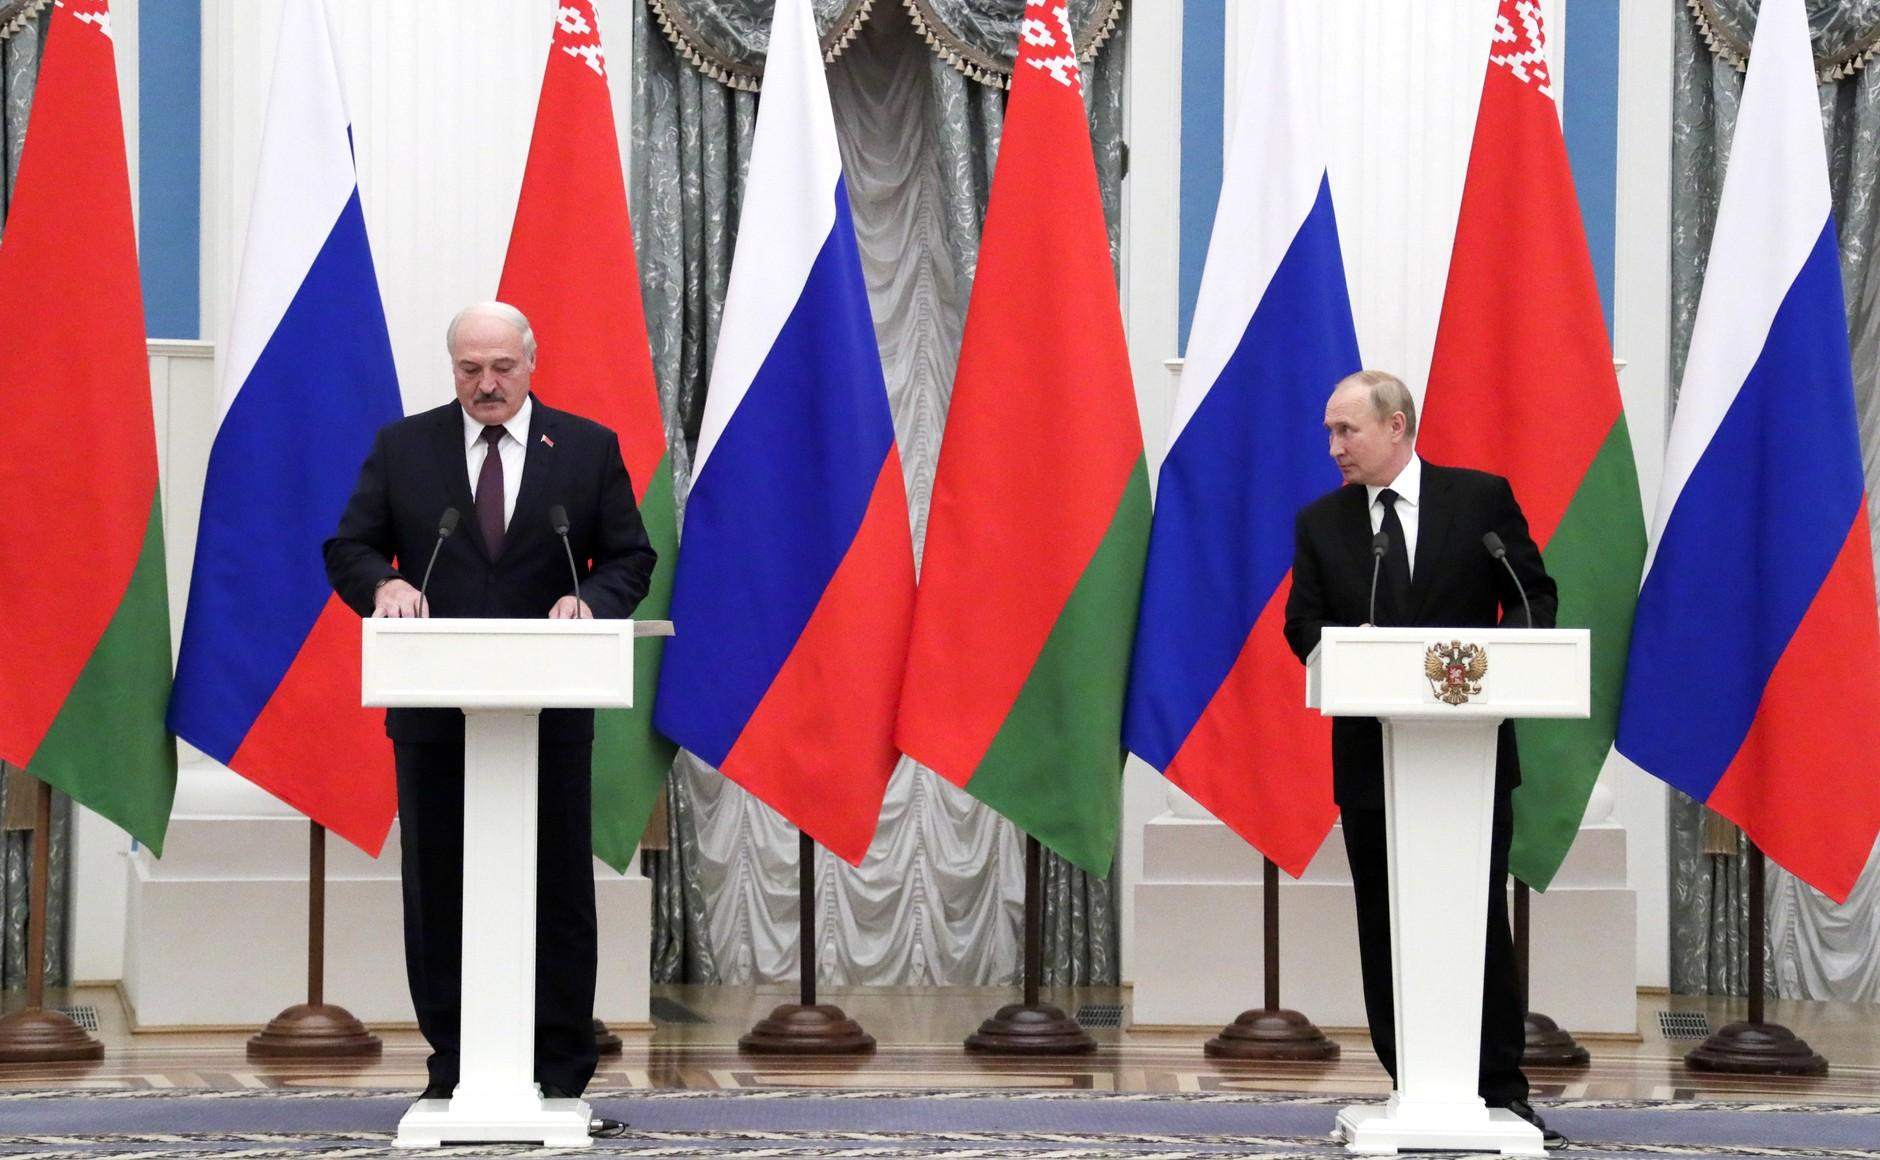 Путин и Лукашенко договорились в Москве о цене на газ и общем энергорынке